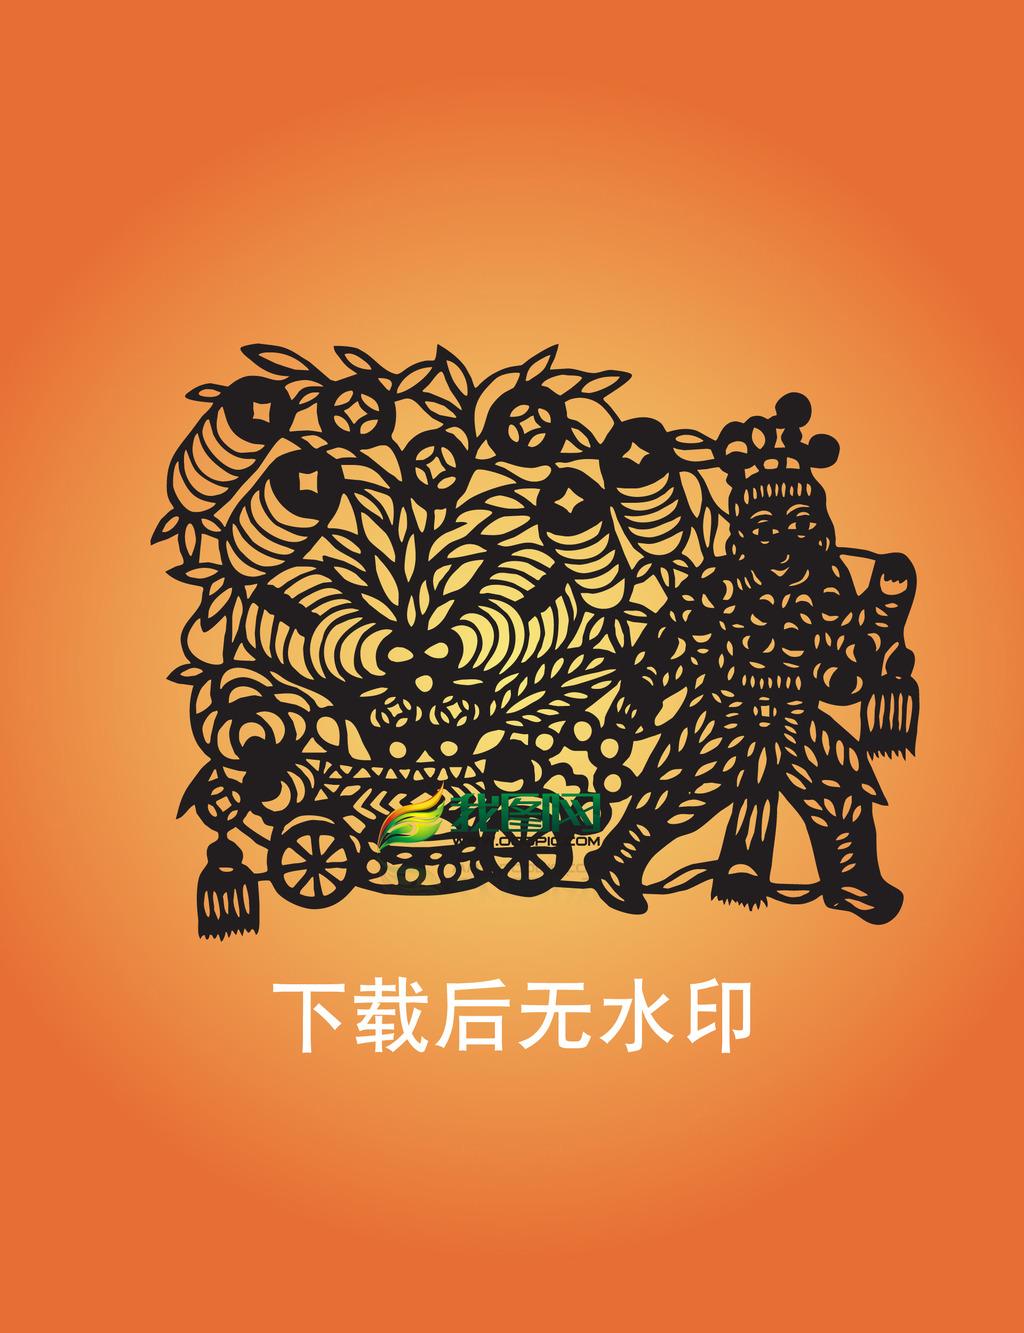 镂空隔断 古典 古典花纹 玻雕 冰雕 传统花边 中式花边 装饰花纹 动物